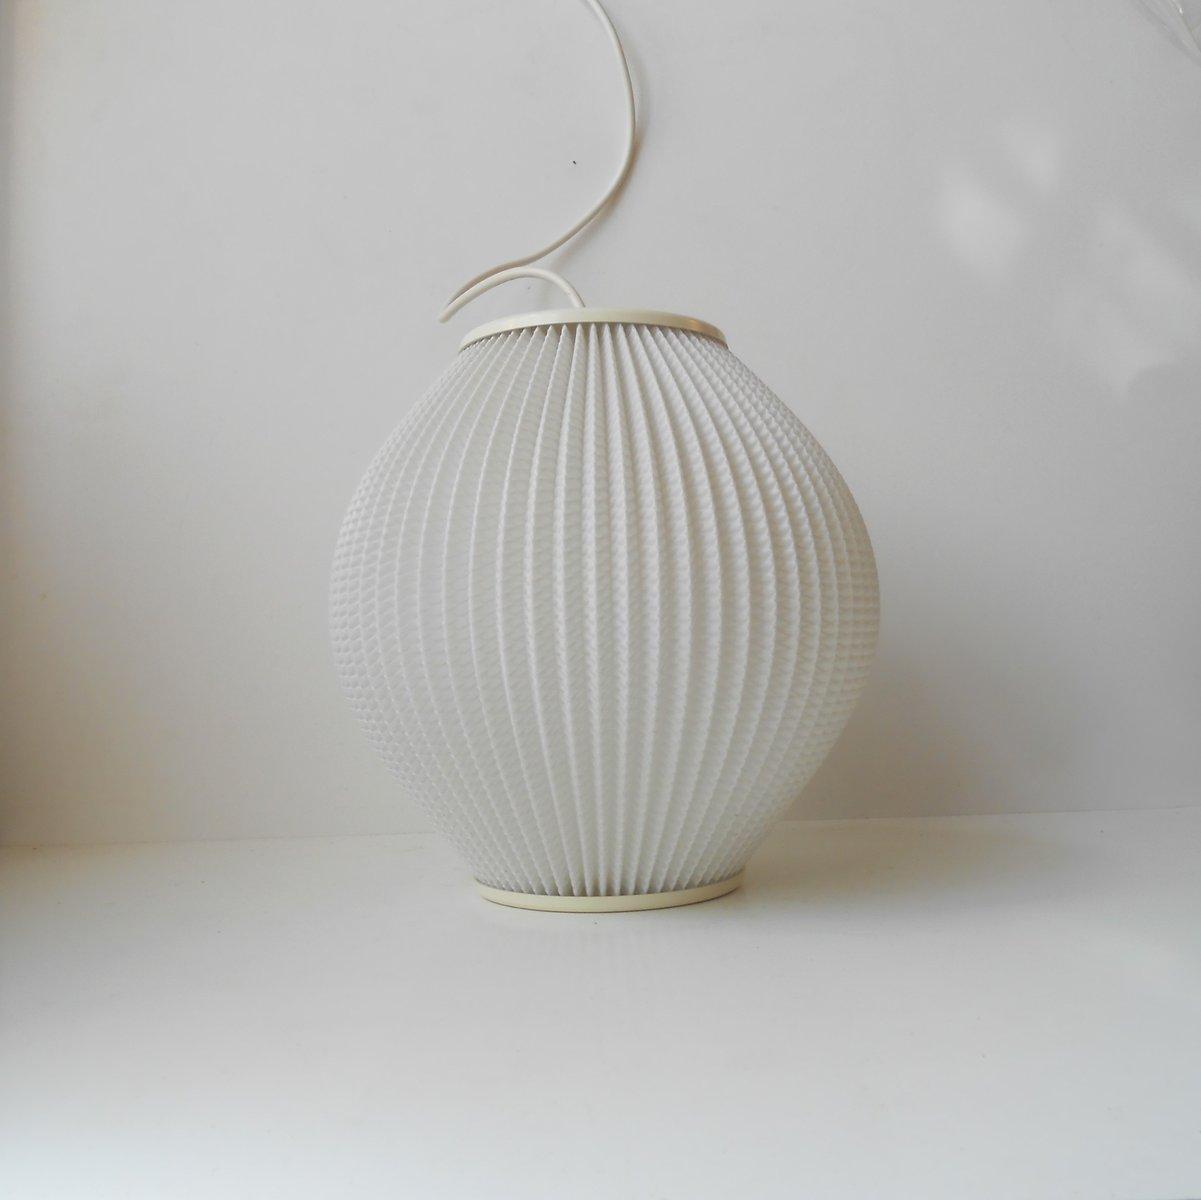 Weiße Bienenstock Lampe aus Acryl von Svend Aage Holm-Sorensen, 1950er